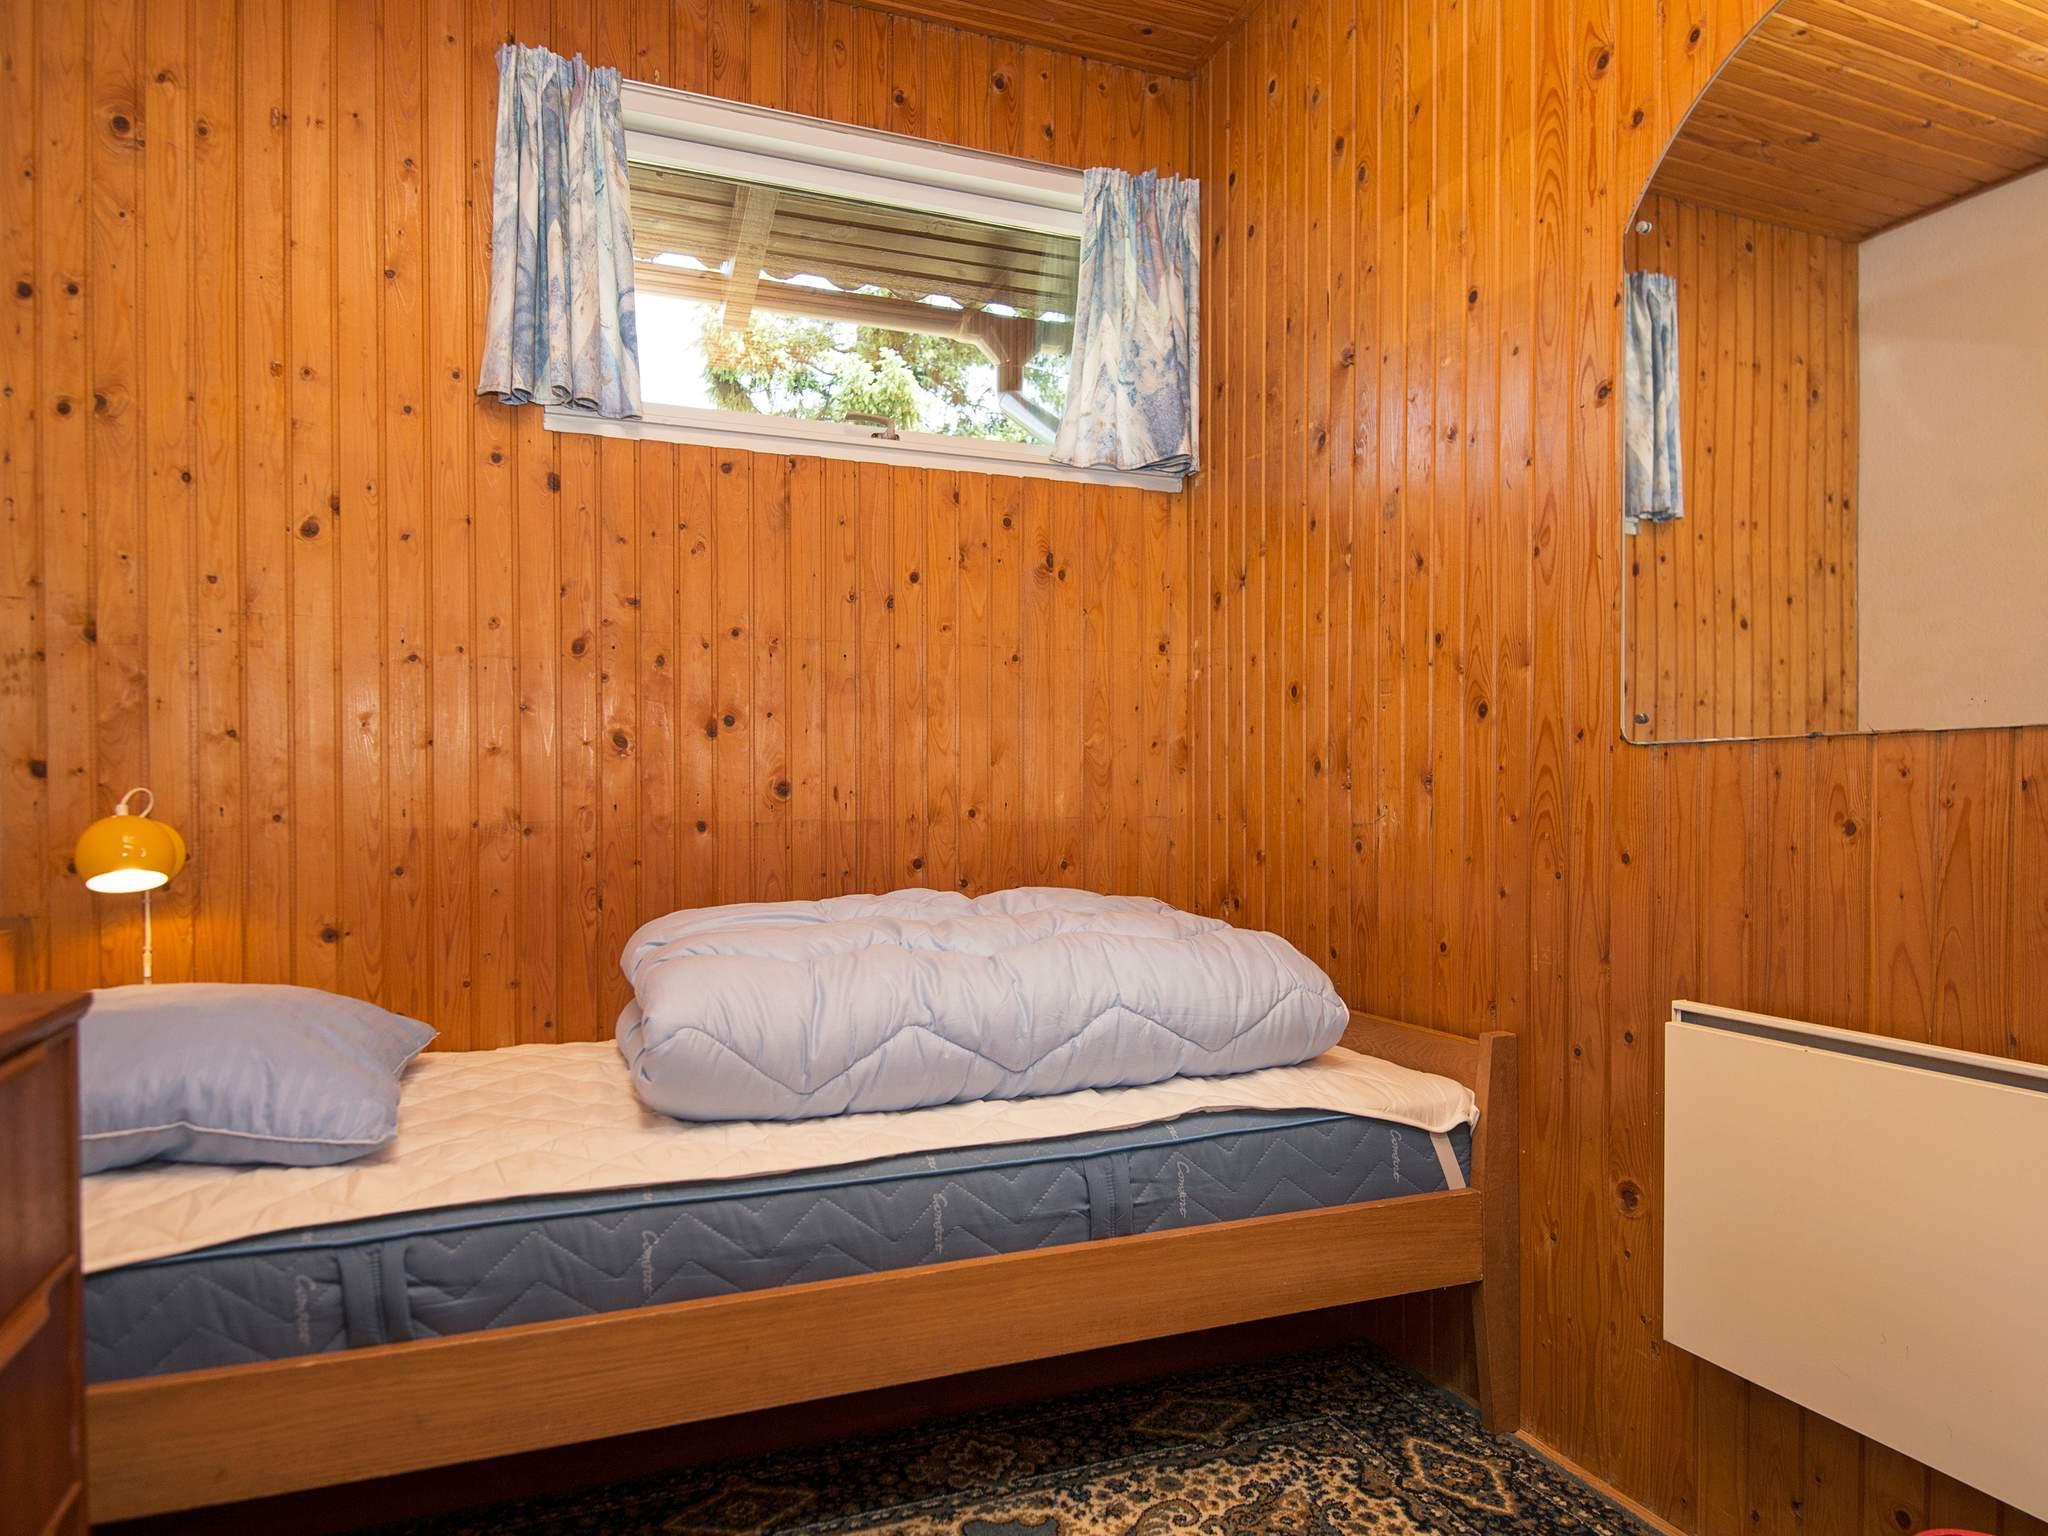 Ferienhaus Silkeborg (2354771), Silkeborg, , Ostjütland, Dänemark, Bild 4